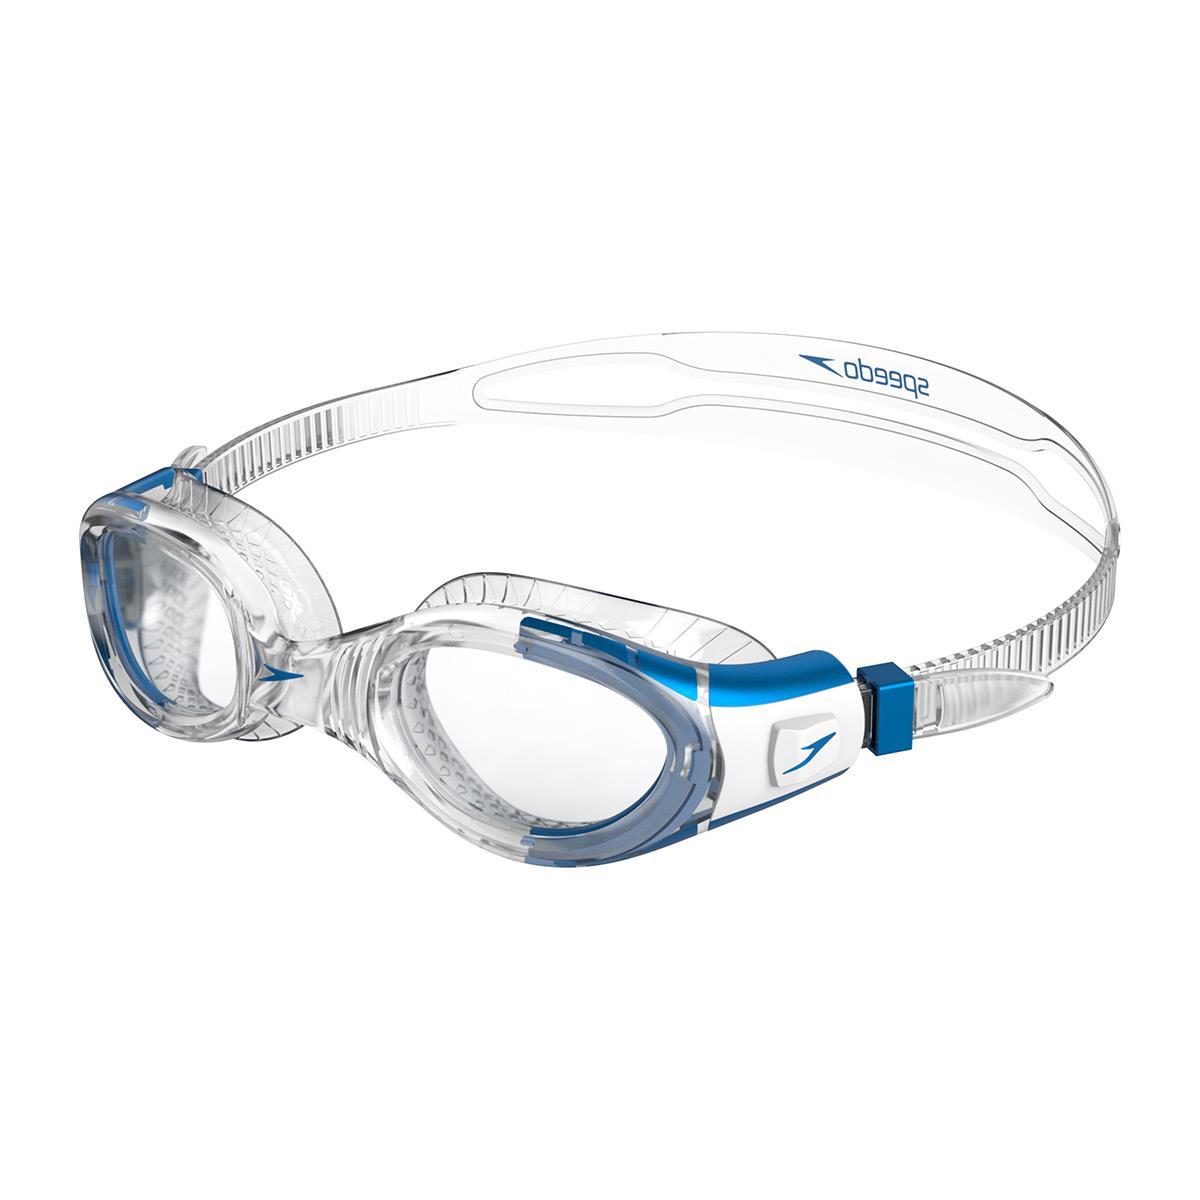 Speedo Fut Bıof Fseal Dual Gog Ju Clear/Clear Çocuk Gözlük